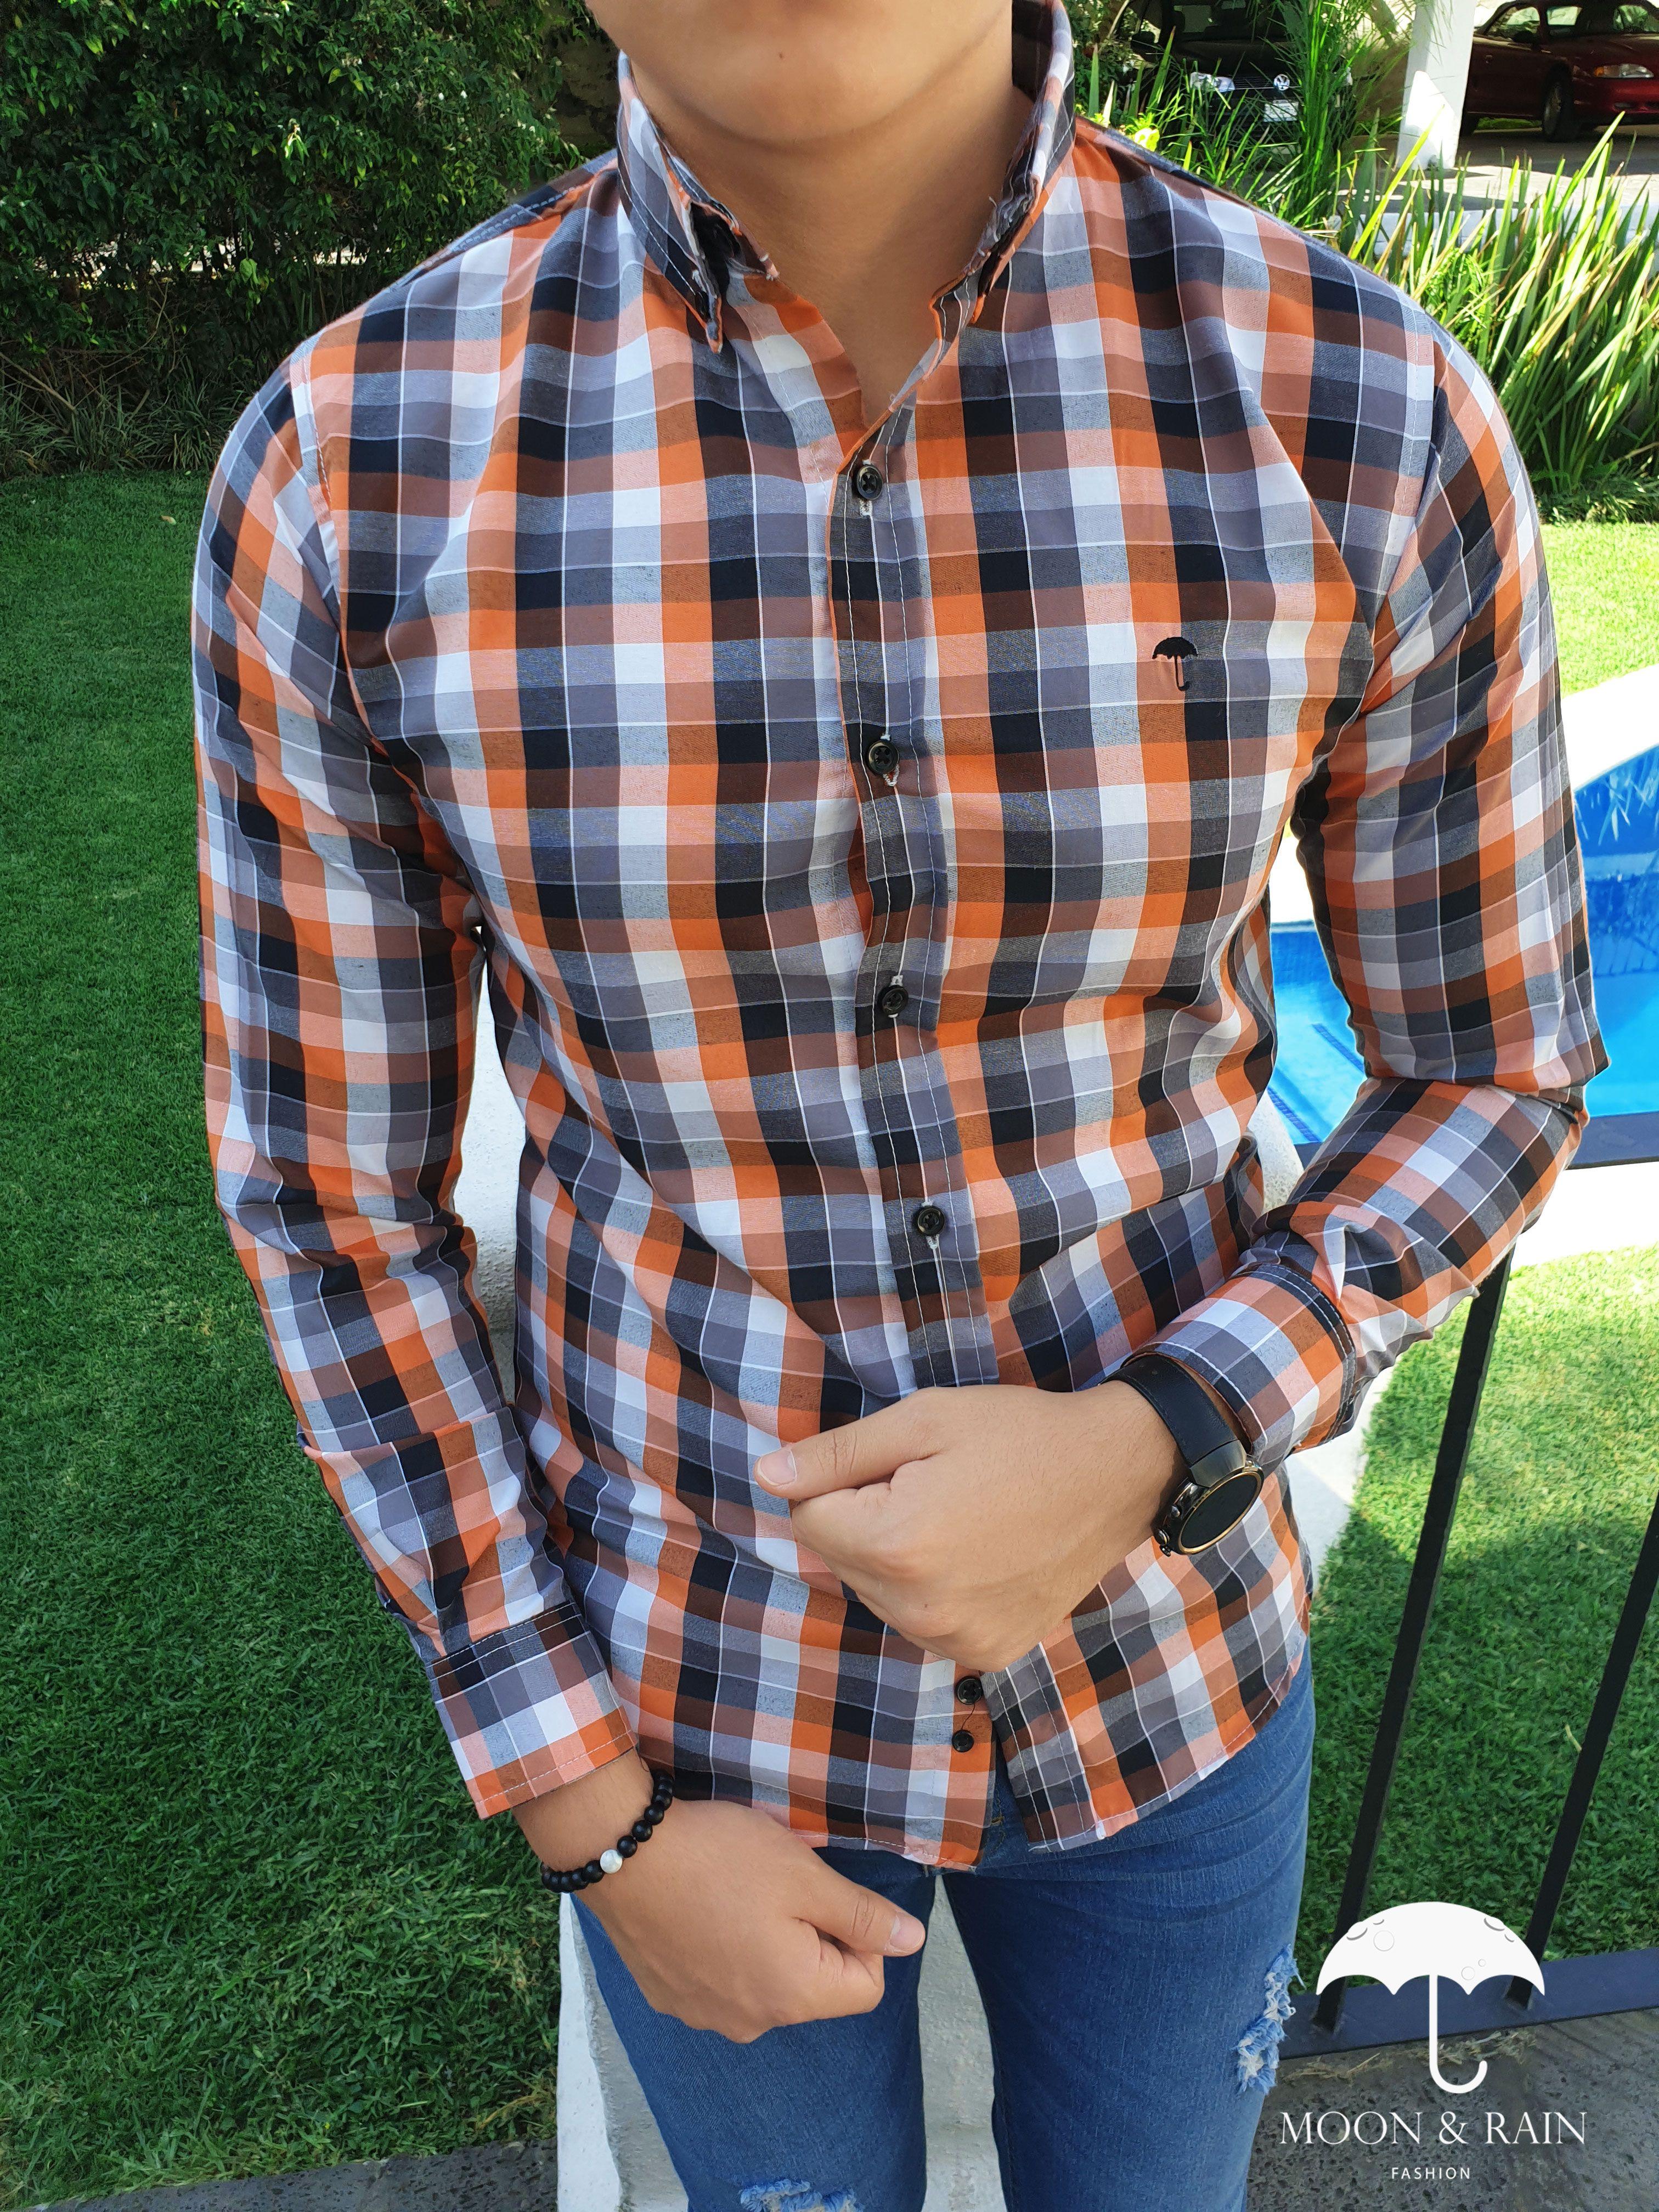 Camisa Cuadros Naranja Gris Camisa De Cuadros Estilo De Ropa Hombre Moda Ropa Hombre